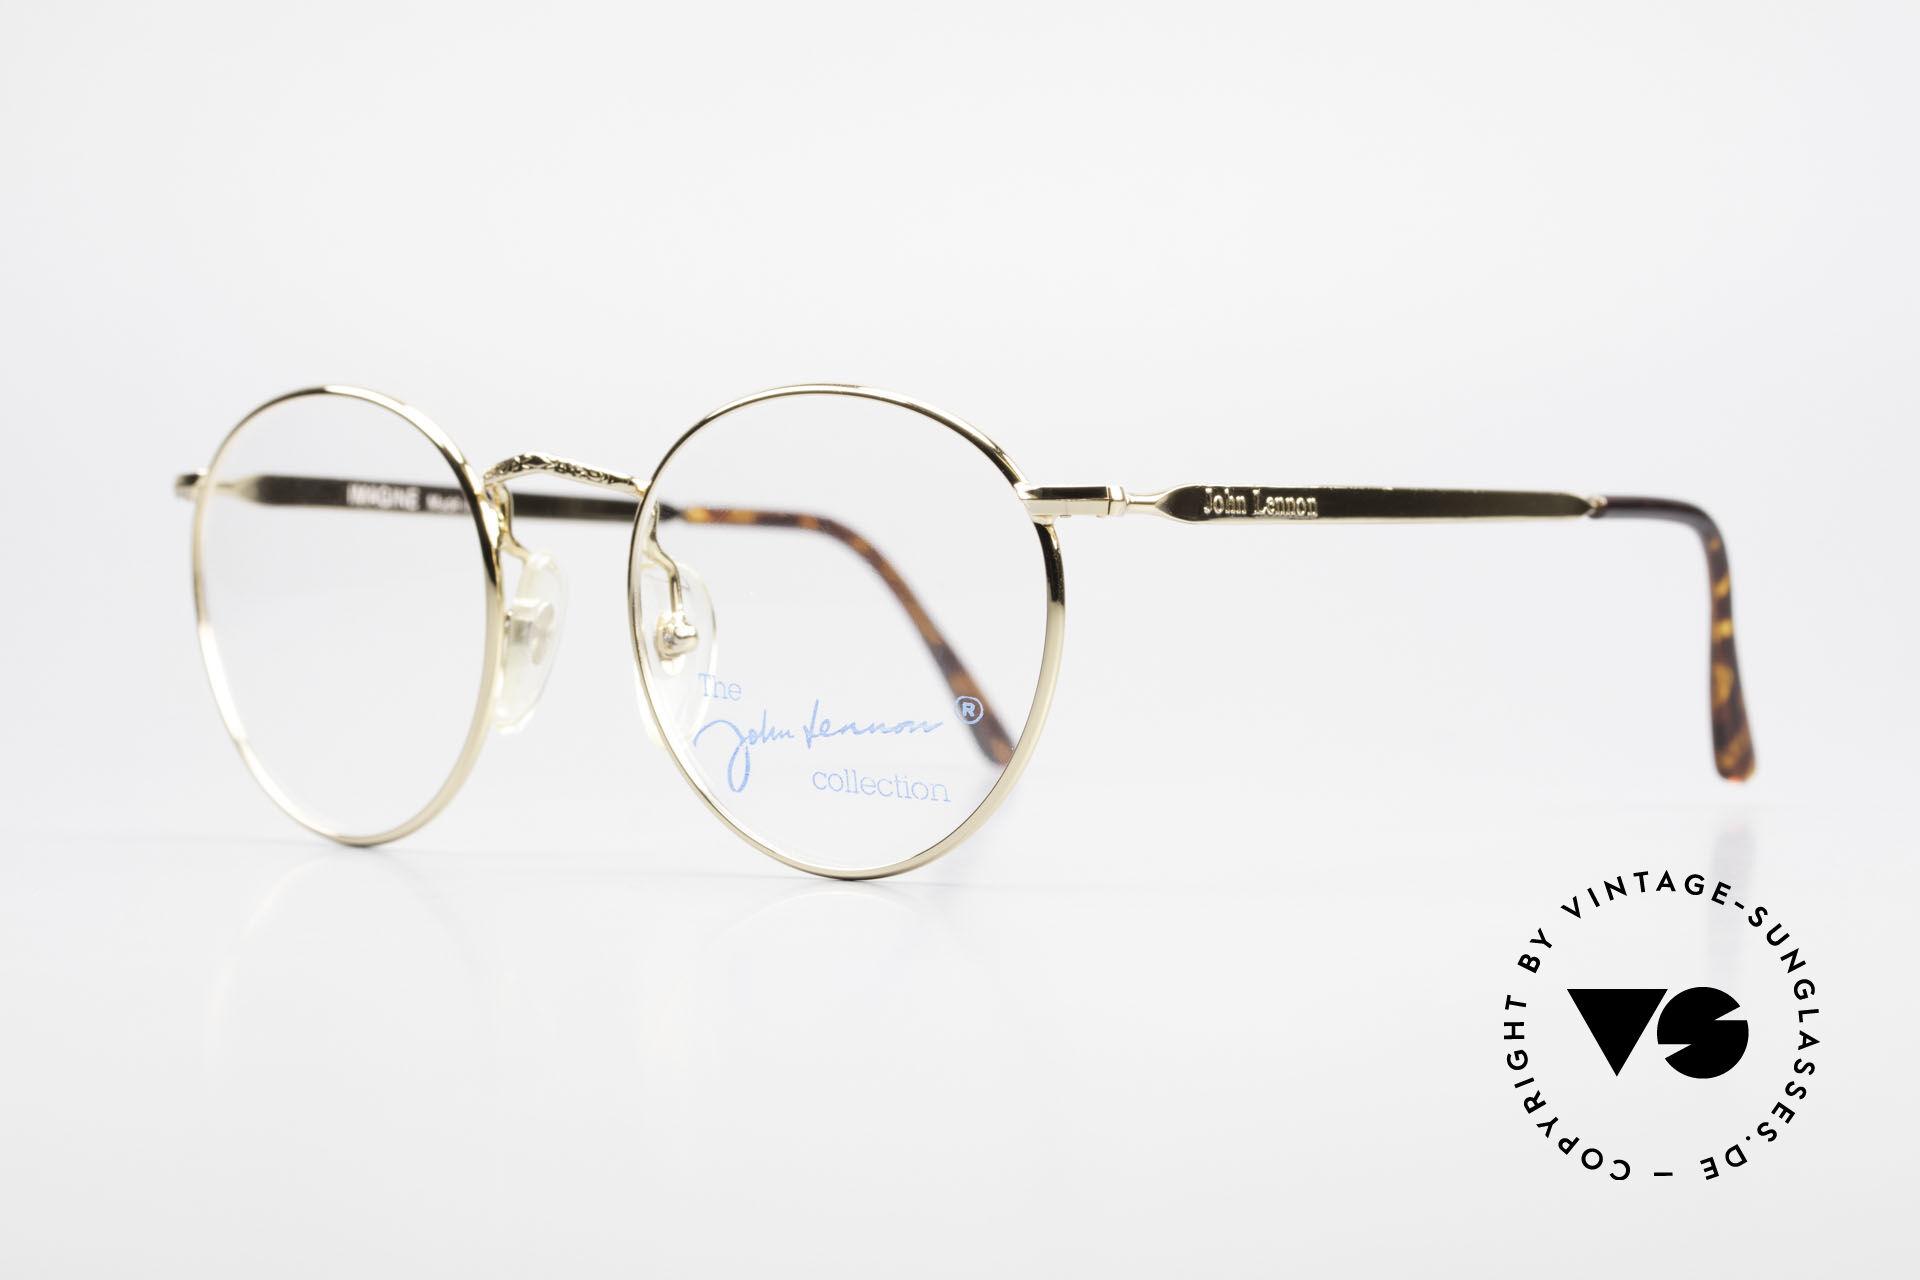 John Lennon - Imagine Kleine Runde Vintage Brille, Modell 'IMAGINE': Panto-Fassung in 49mm Größe, Passend für Herren und Damen